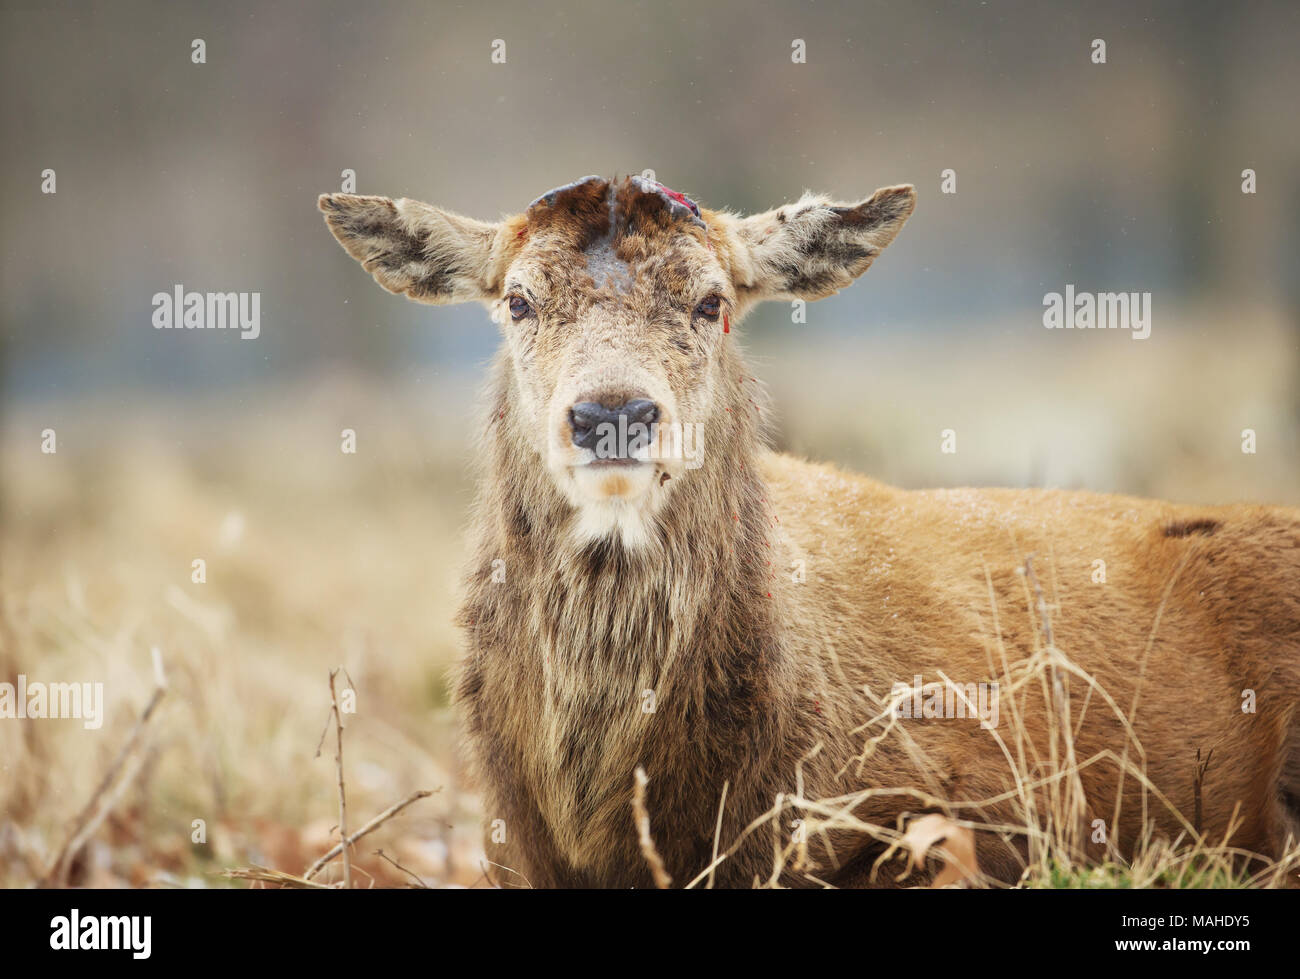 In der Nähe des Red Deer nachdem vor kurzem sein Geweih im Winter abgeworfen, Großbritannien Stockbild